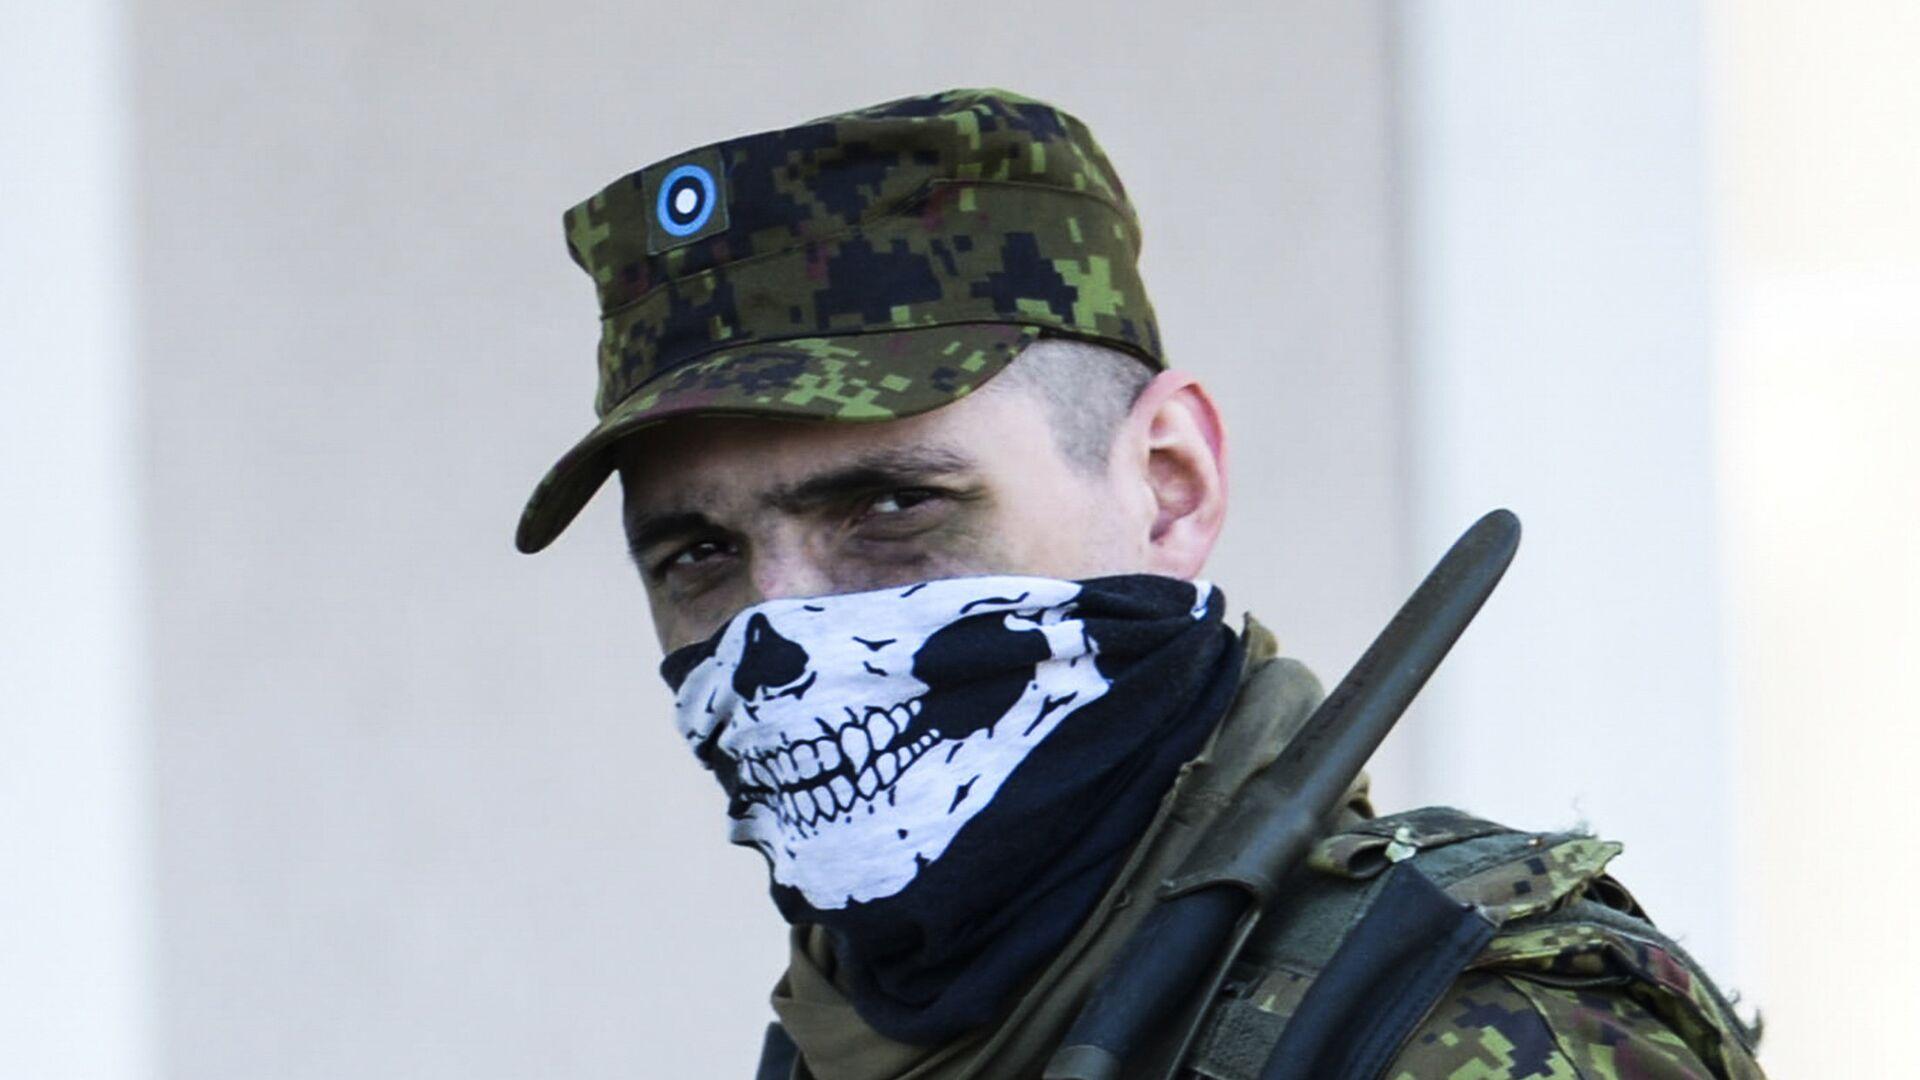 Силы обороны Эстонии совместно с союзниками НАТО во время военных учений Весенний шторм - РИА Новости, 1920, 17.02.2021